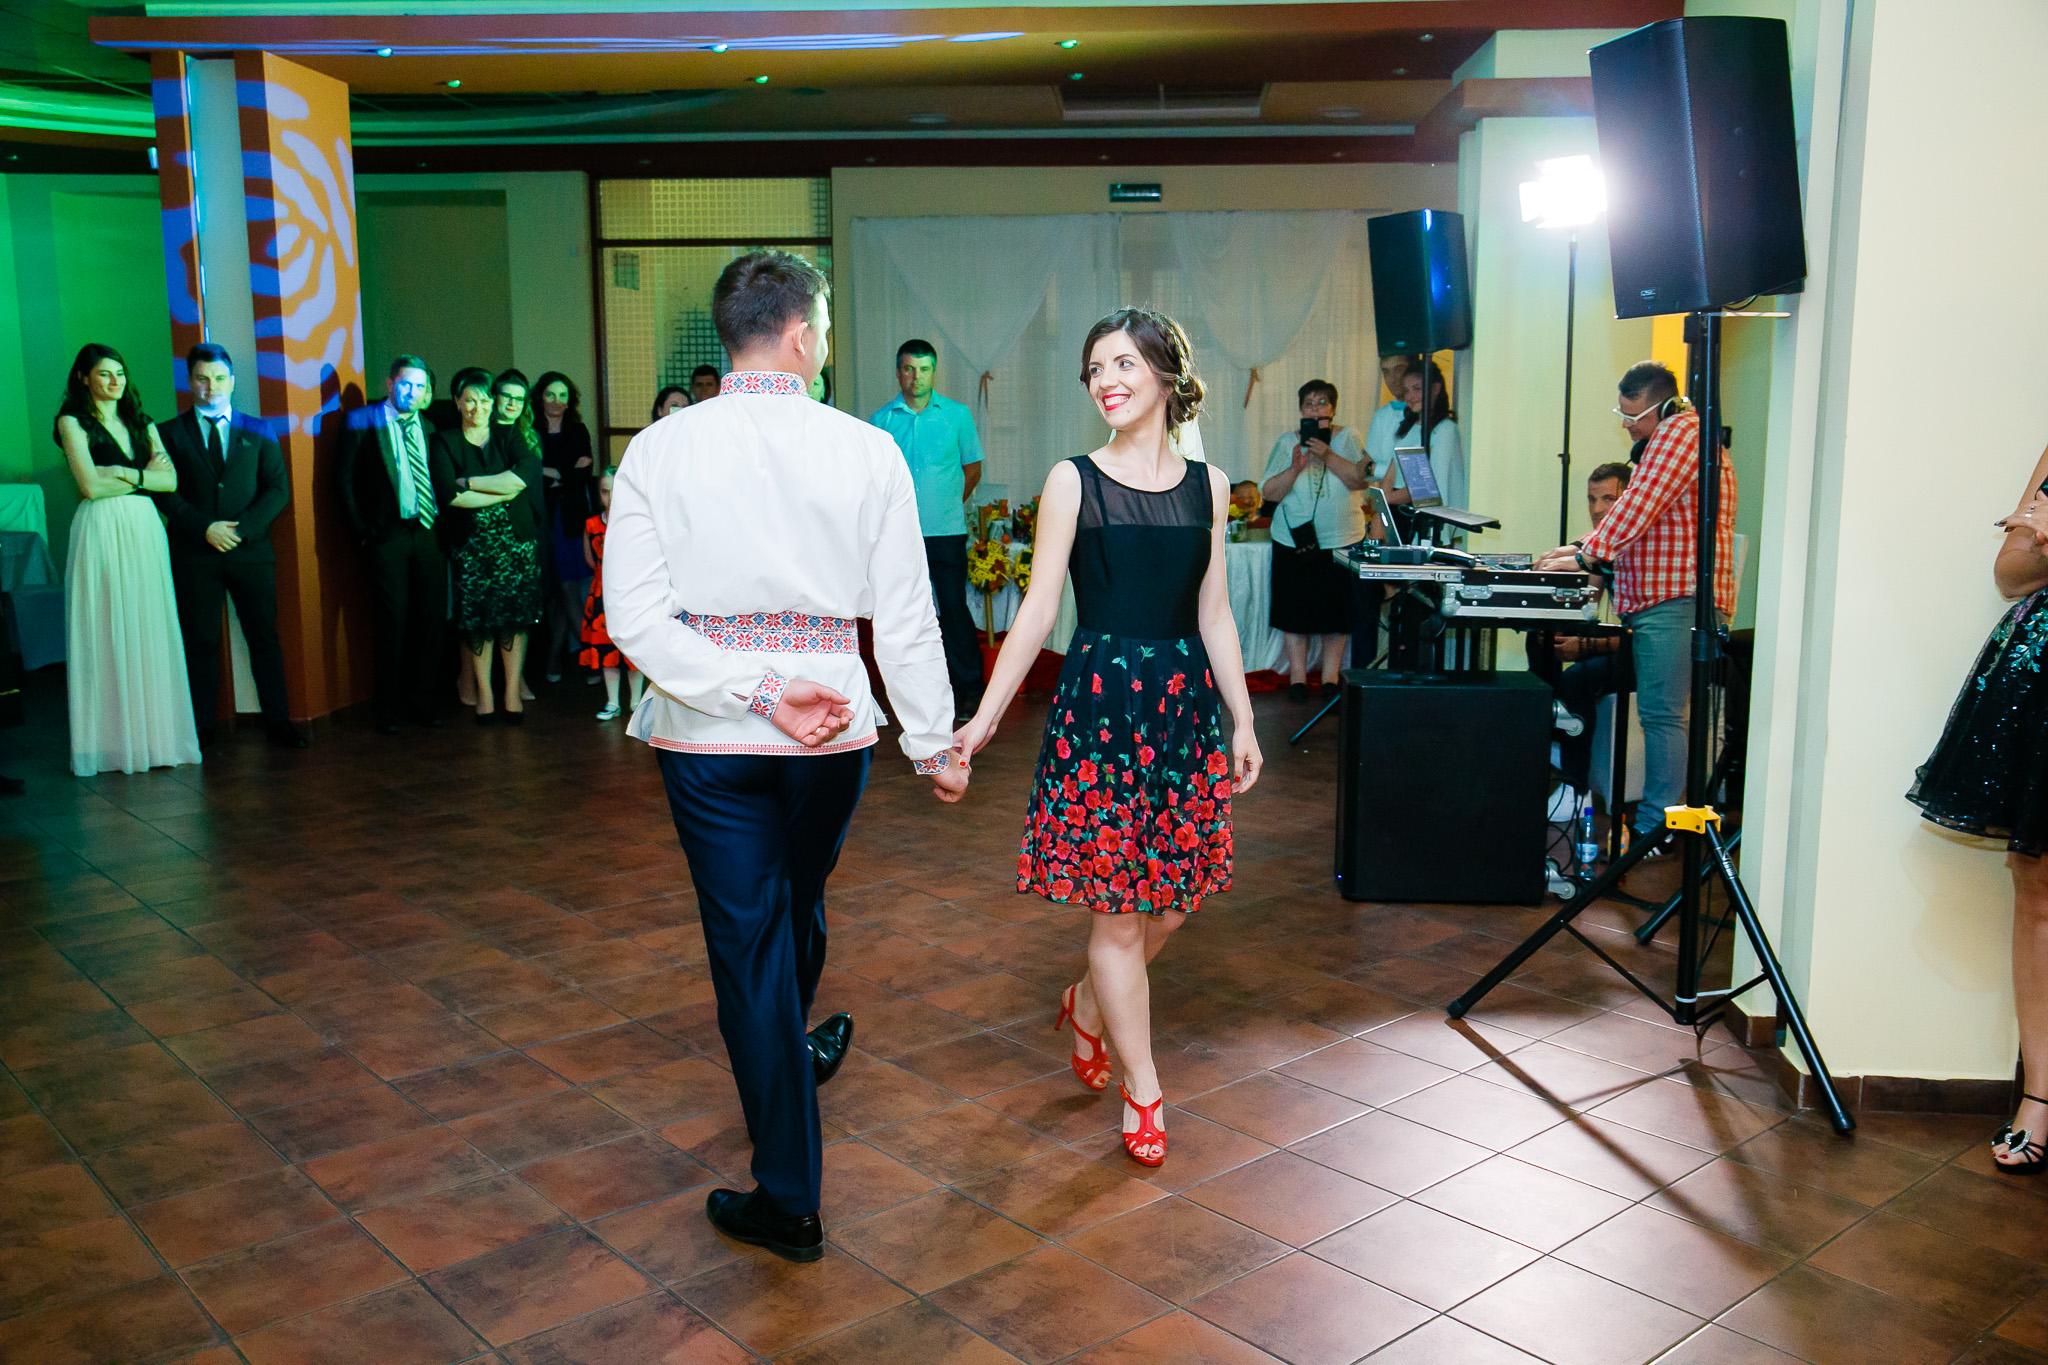 Nuntă tradițională Elisabeta și Alexandru fotograf profesionist nunta Iasi www.paulpadurariu.ro © 2018 Paul Padurariu fotograf de nunta Iasi moment artistic miri 3